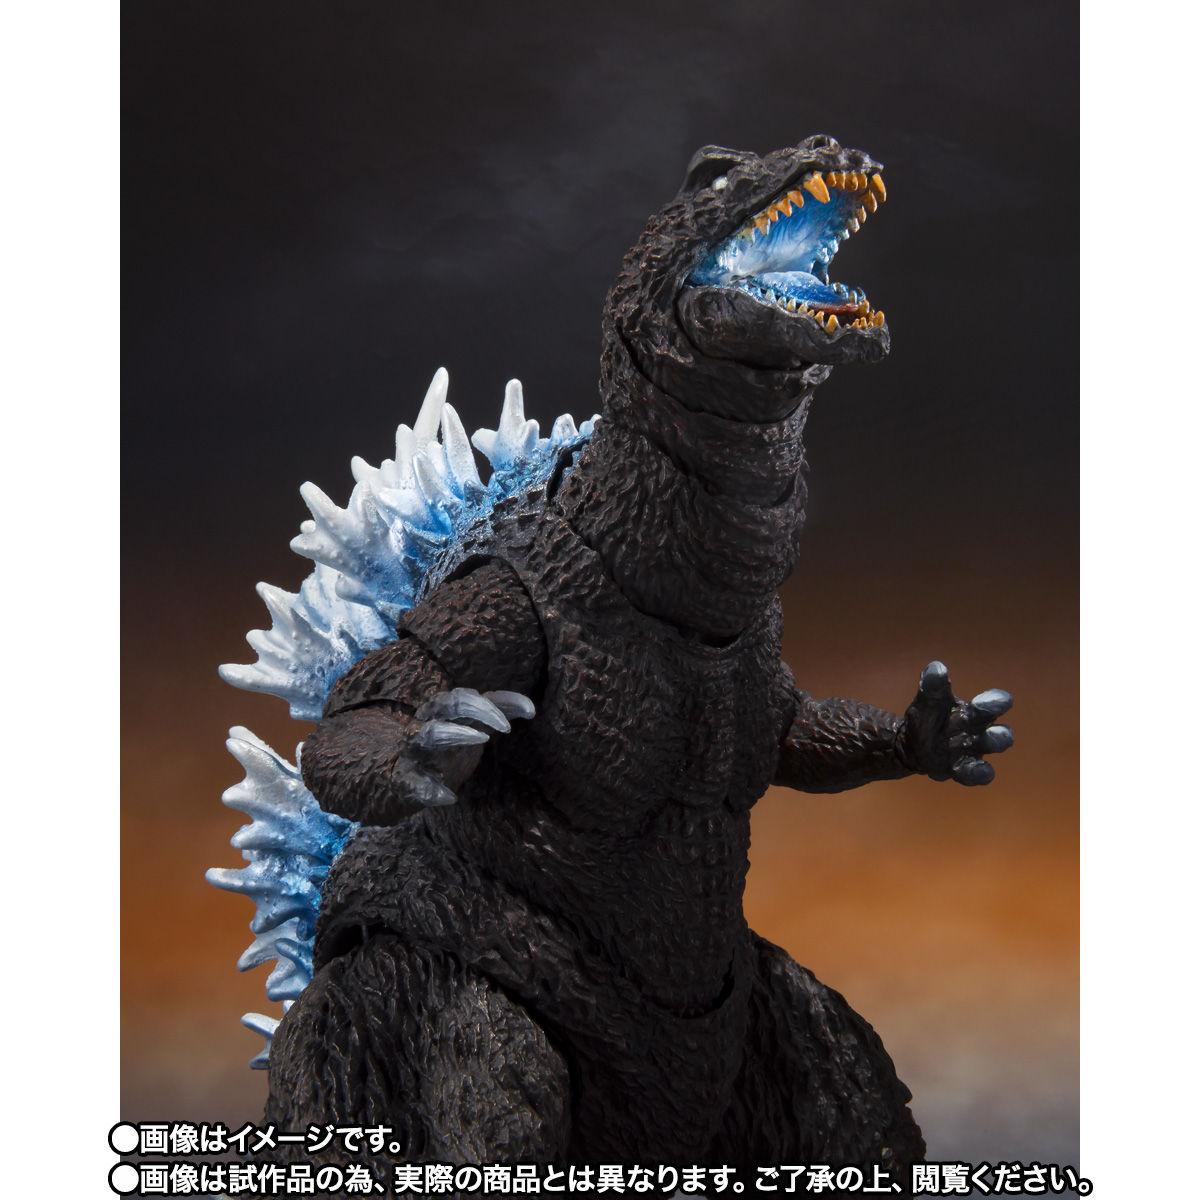 【限定販売】S.H.MonsterArts『ゴジラ(2001)放射熱線Ver.』大怪獣総攻撃 可動フィギュア-002